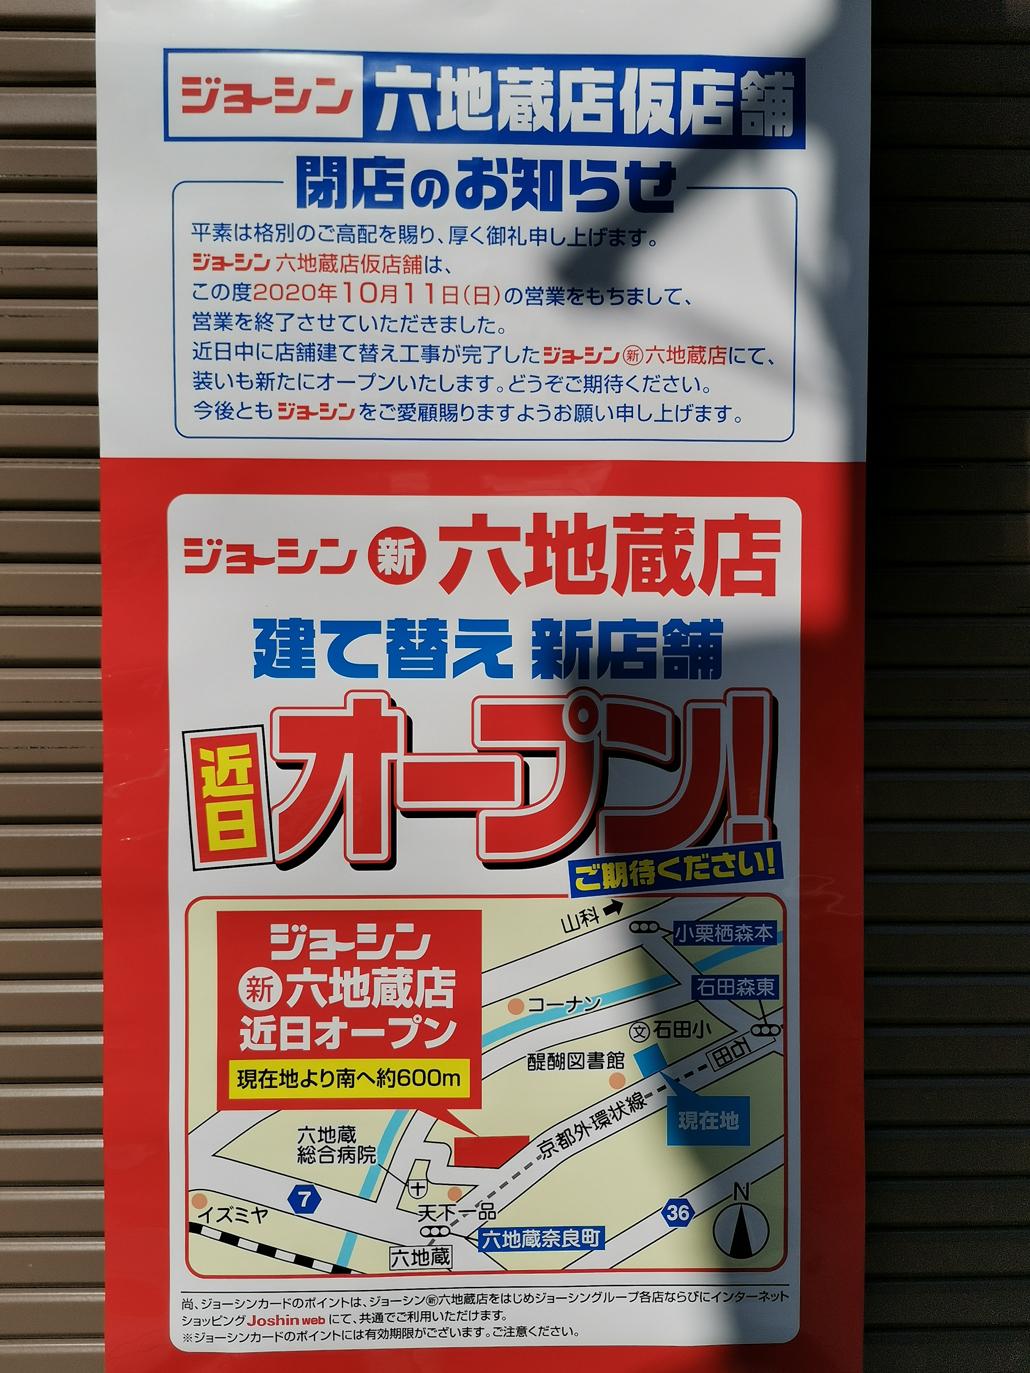 「ジョーシン 六地蔵店」お知らせ画像